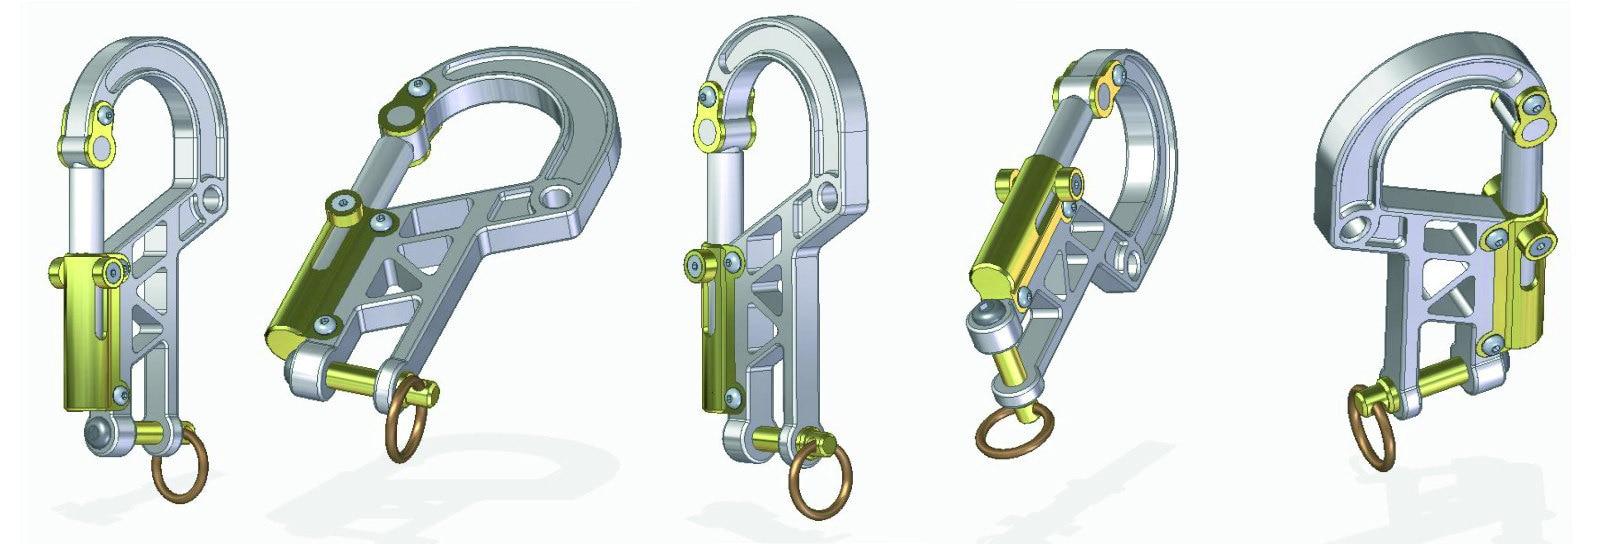 Bolt Carabiner Plans